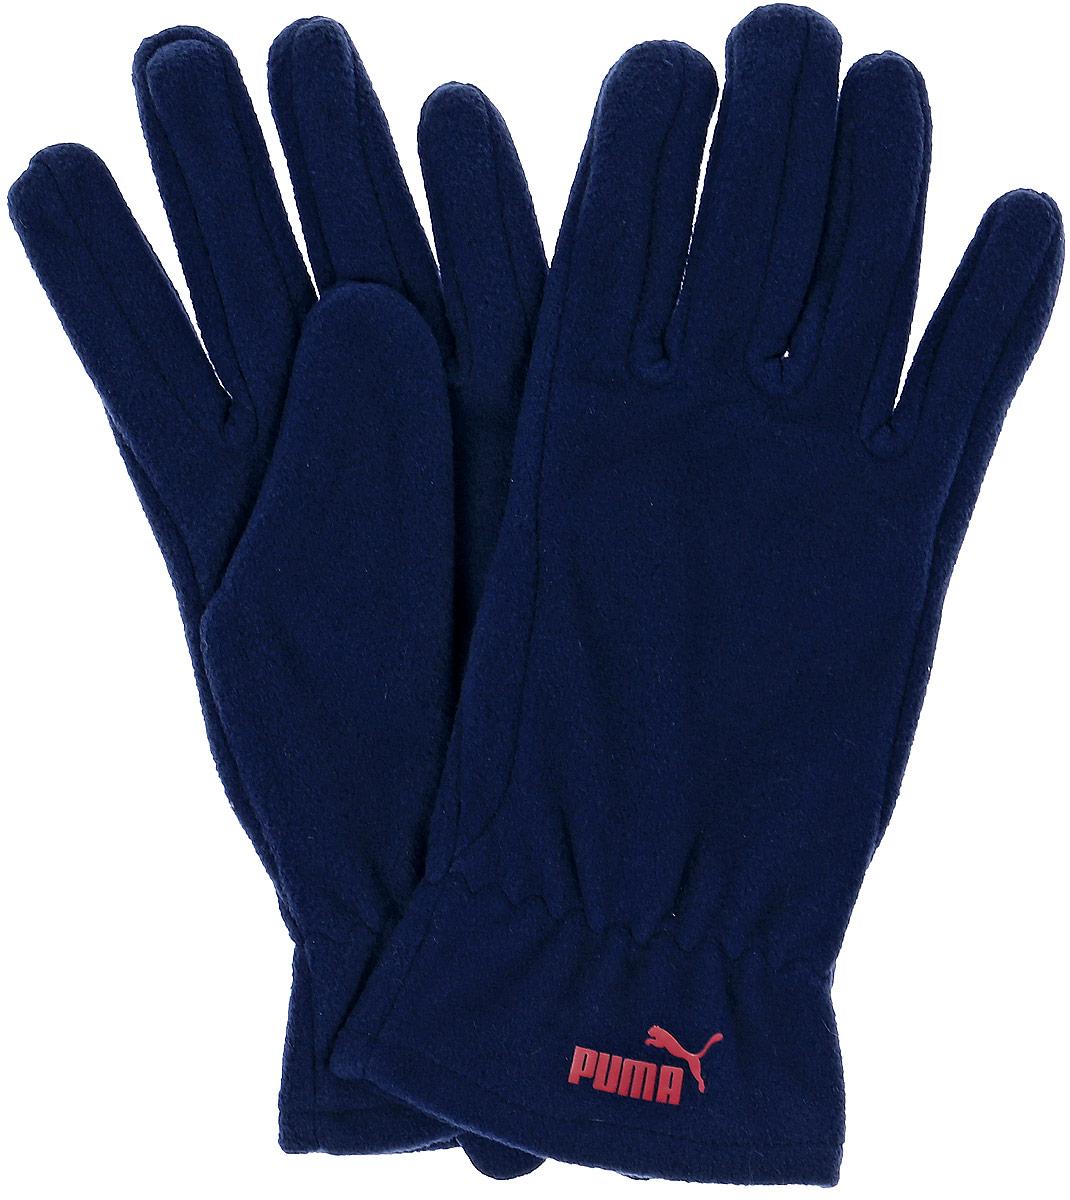 Перчатки Puma Snow Fleece Gloves, цвет: синий. 04127303. Размер M (24)041273_03Мягкие и удобные перчатки из флиса снабжены застежками на липучке для подгонки по руке, а также декорированы спереди тисненым прорезиненным логотипом PUMA.